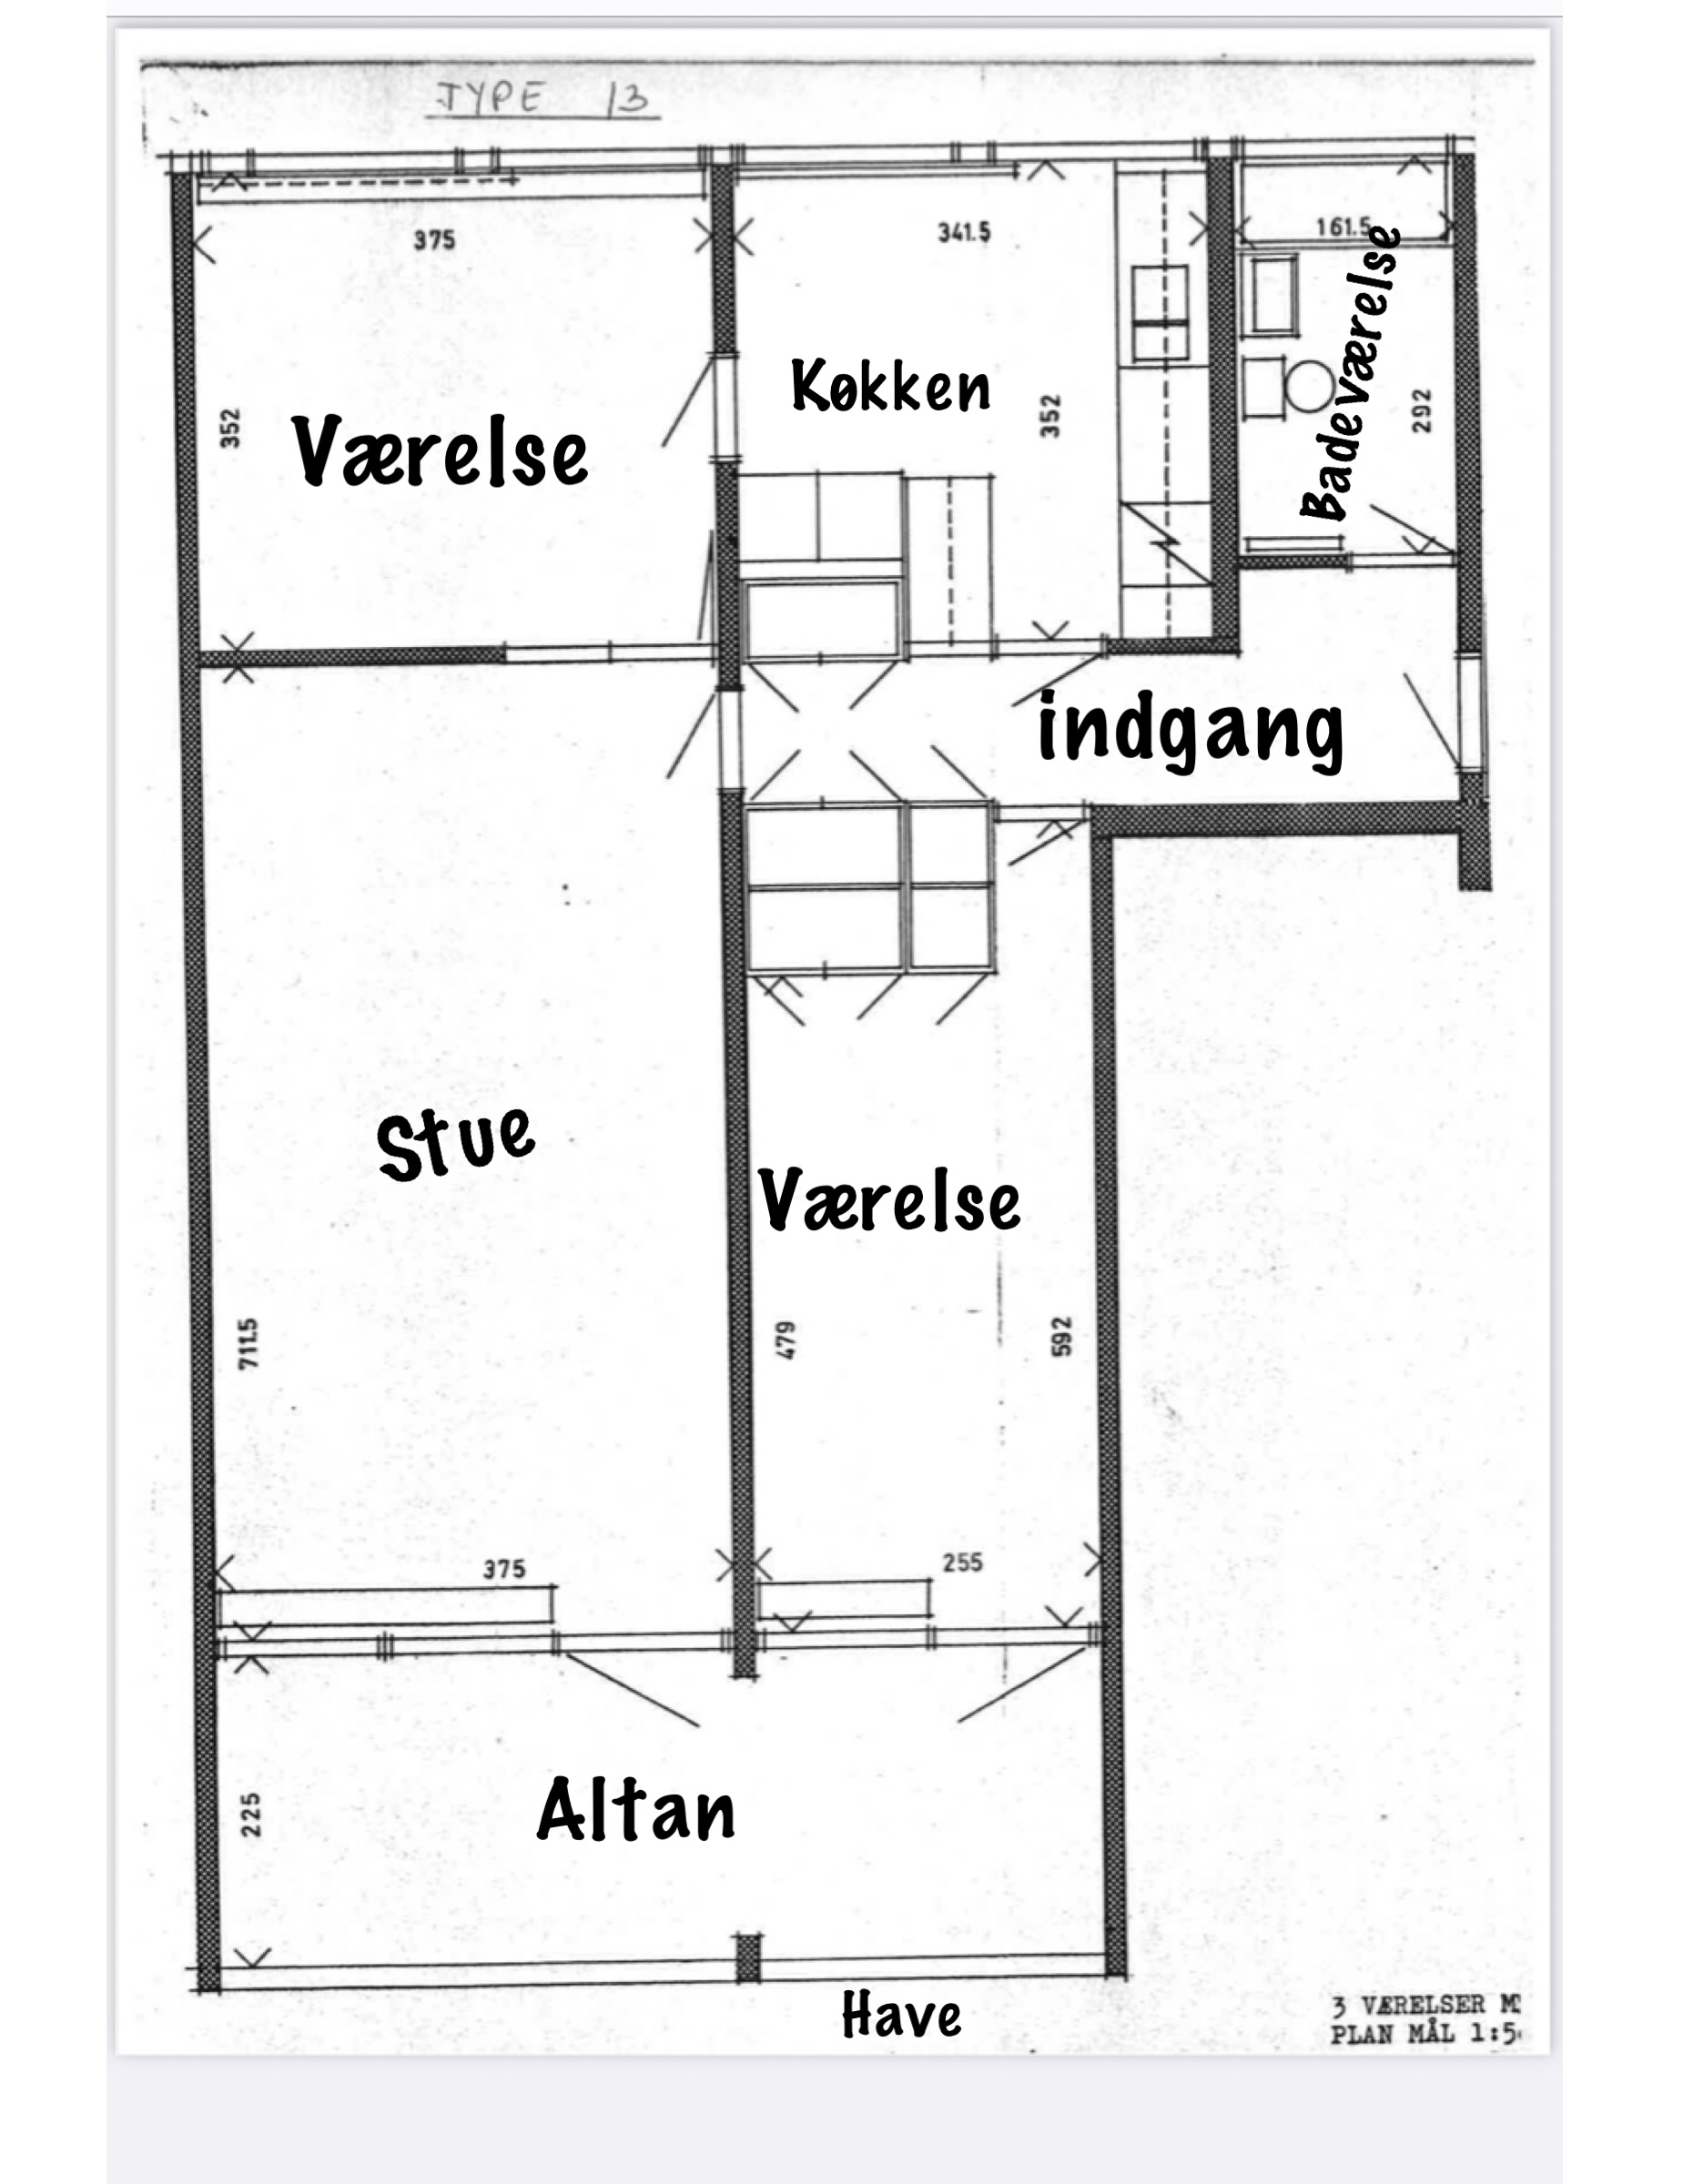 Kære bolig/værelse søgende